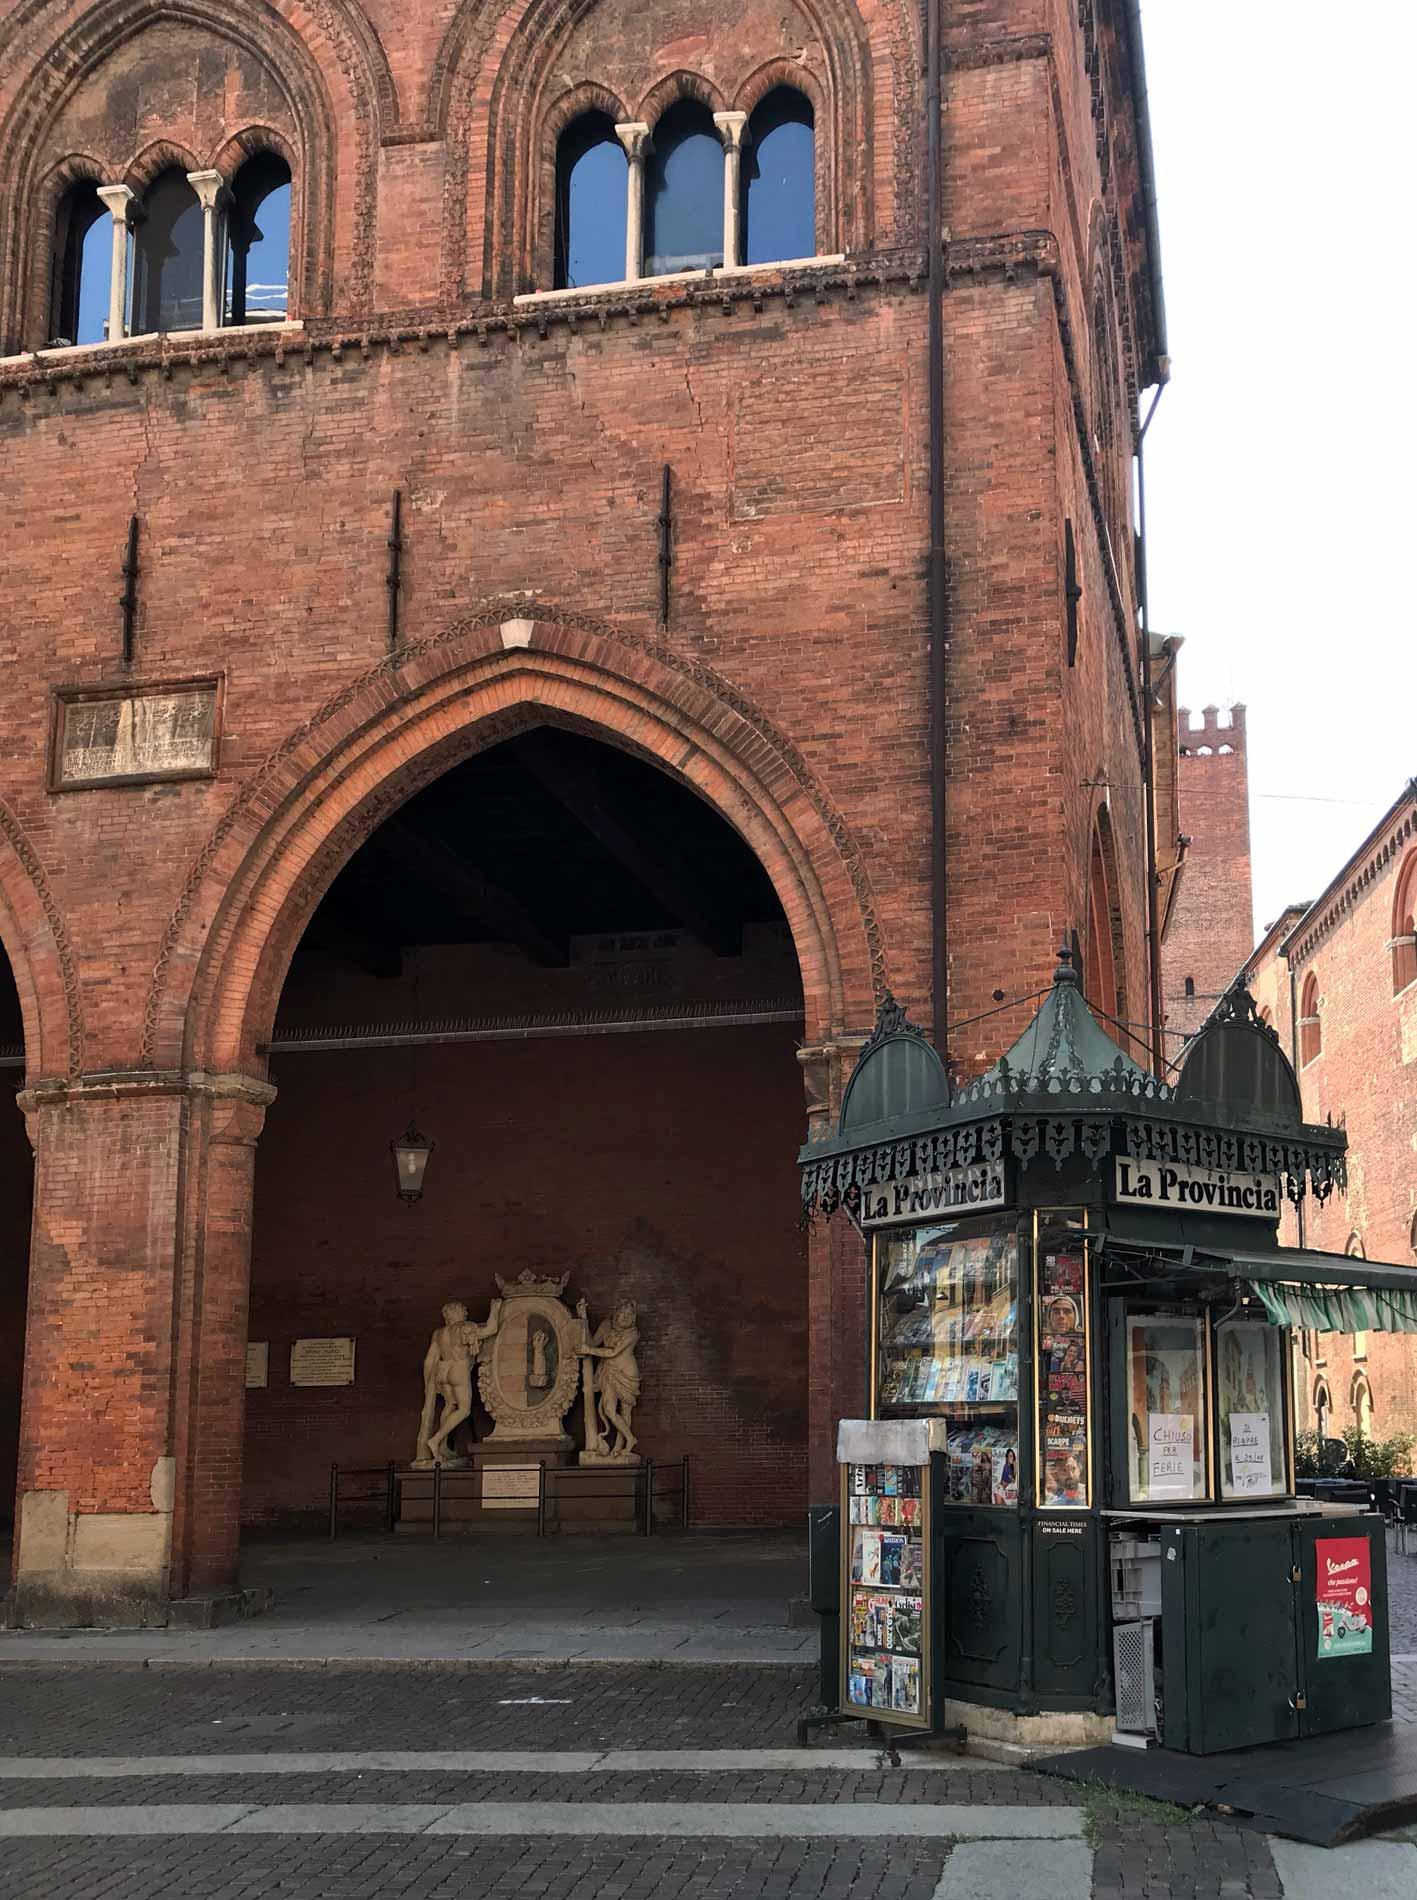 Piazza-del-Comune-Cremona-Loggia-dei-militi-edicola